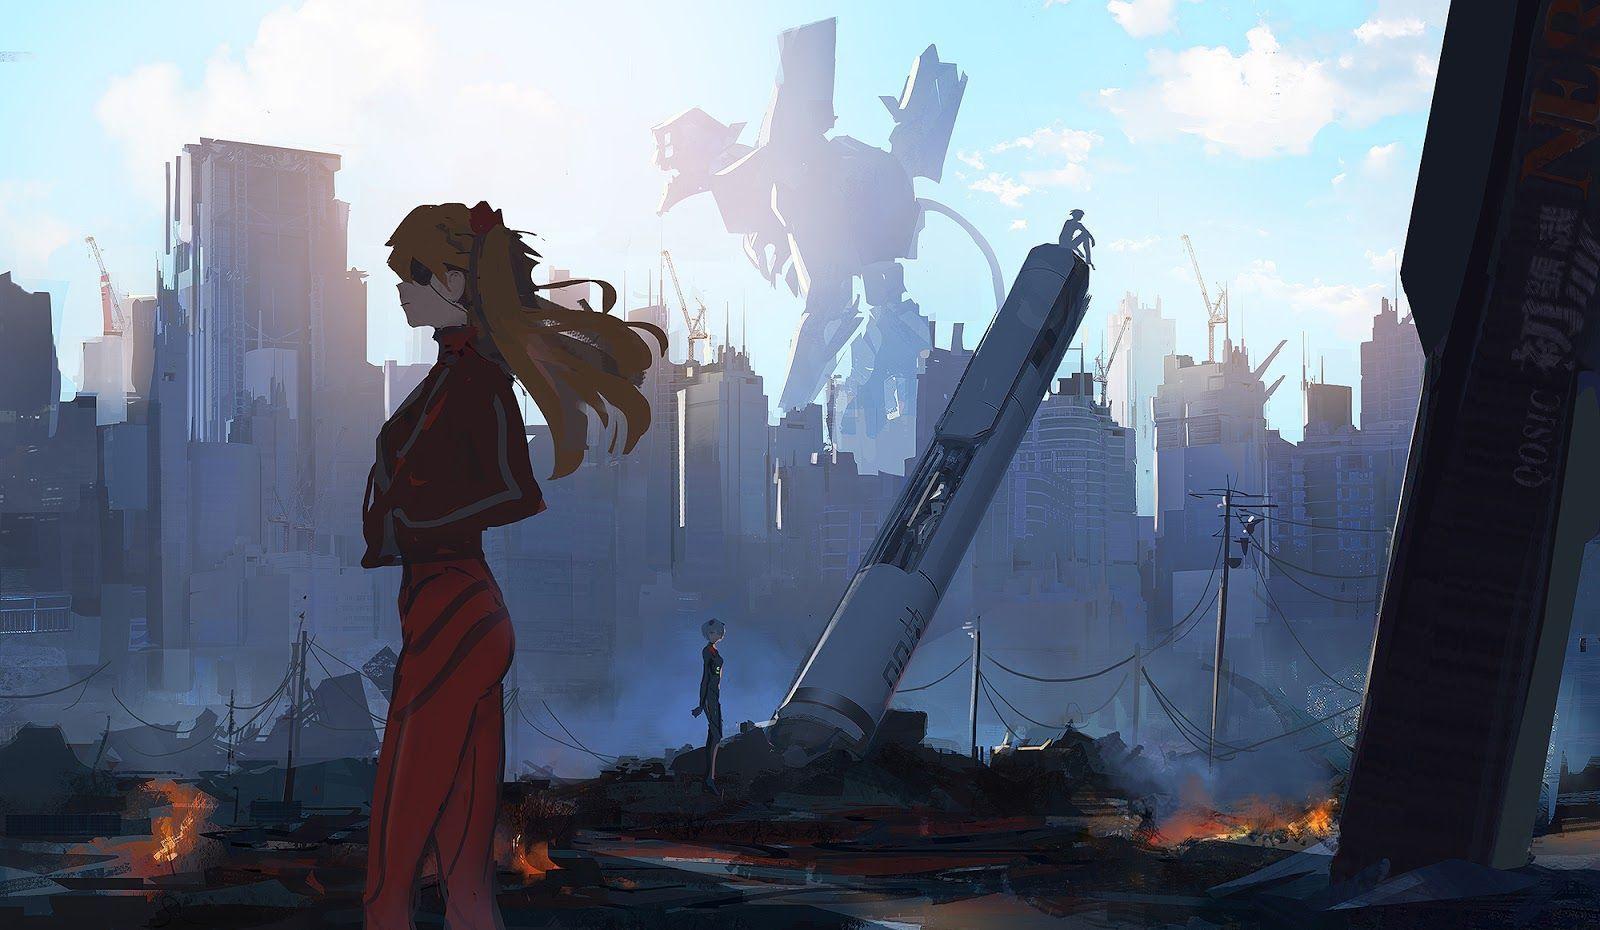 Evangelion:3.0+1.0 Thrice Upon a Time выйдет на экраны8 марта